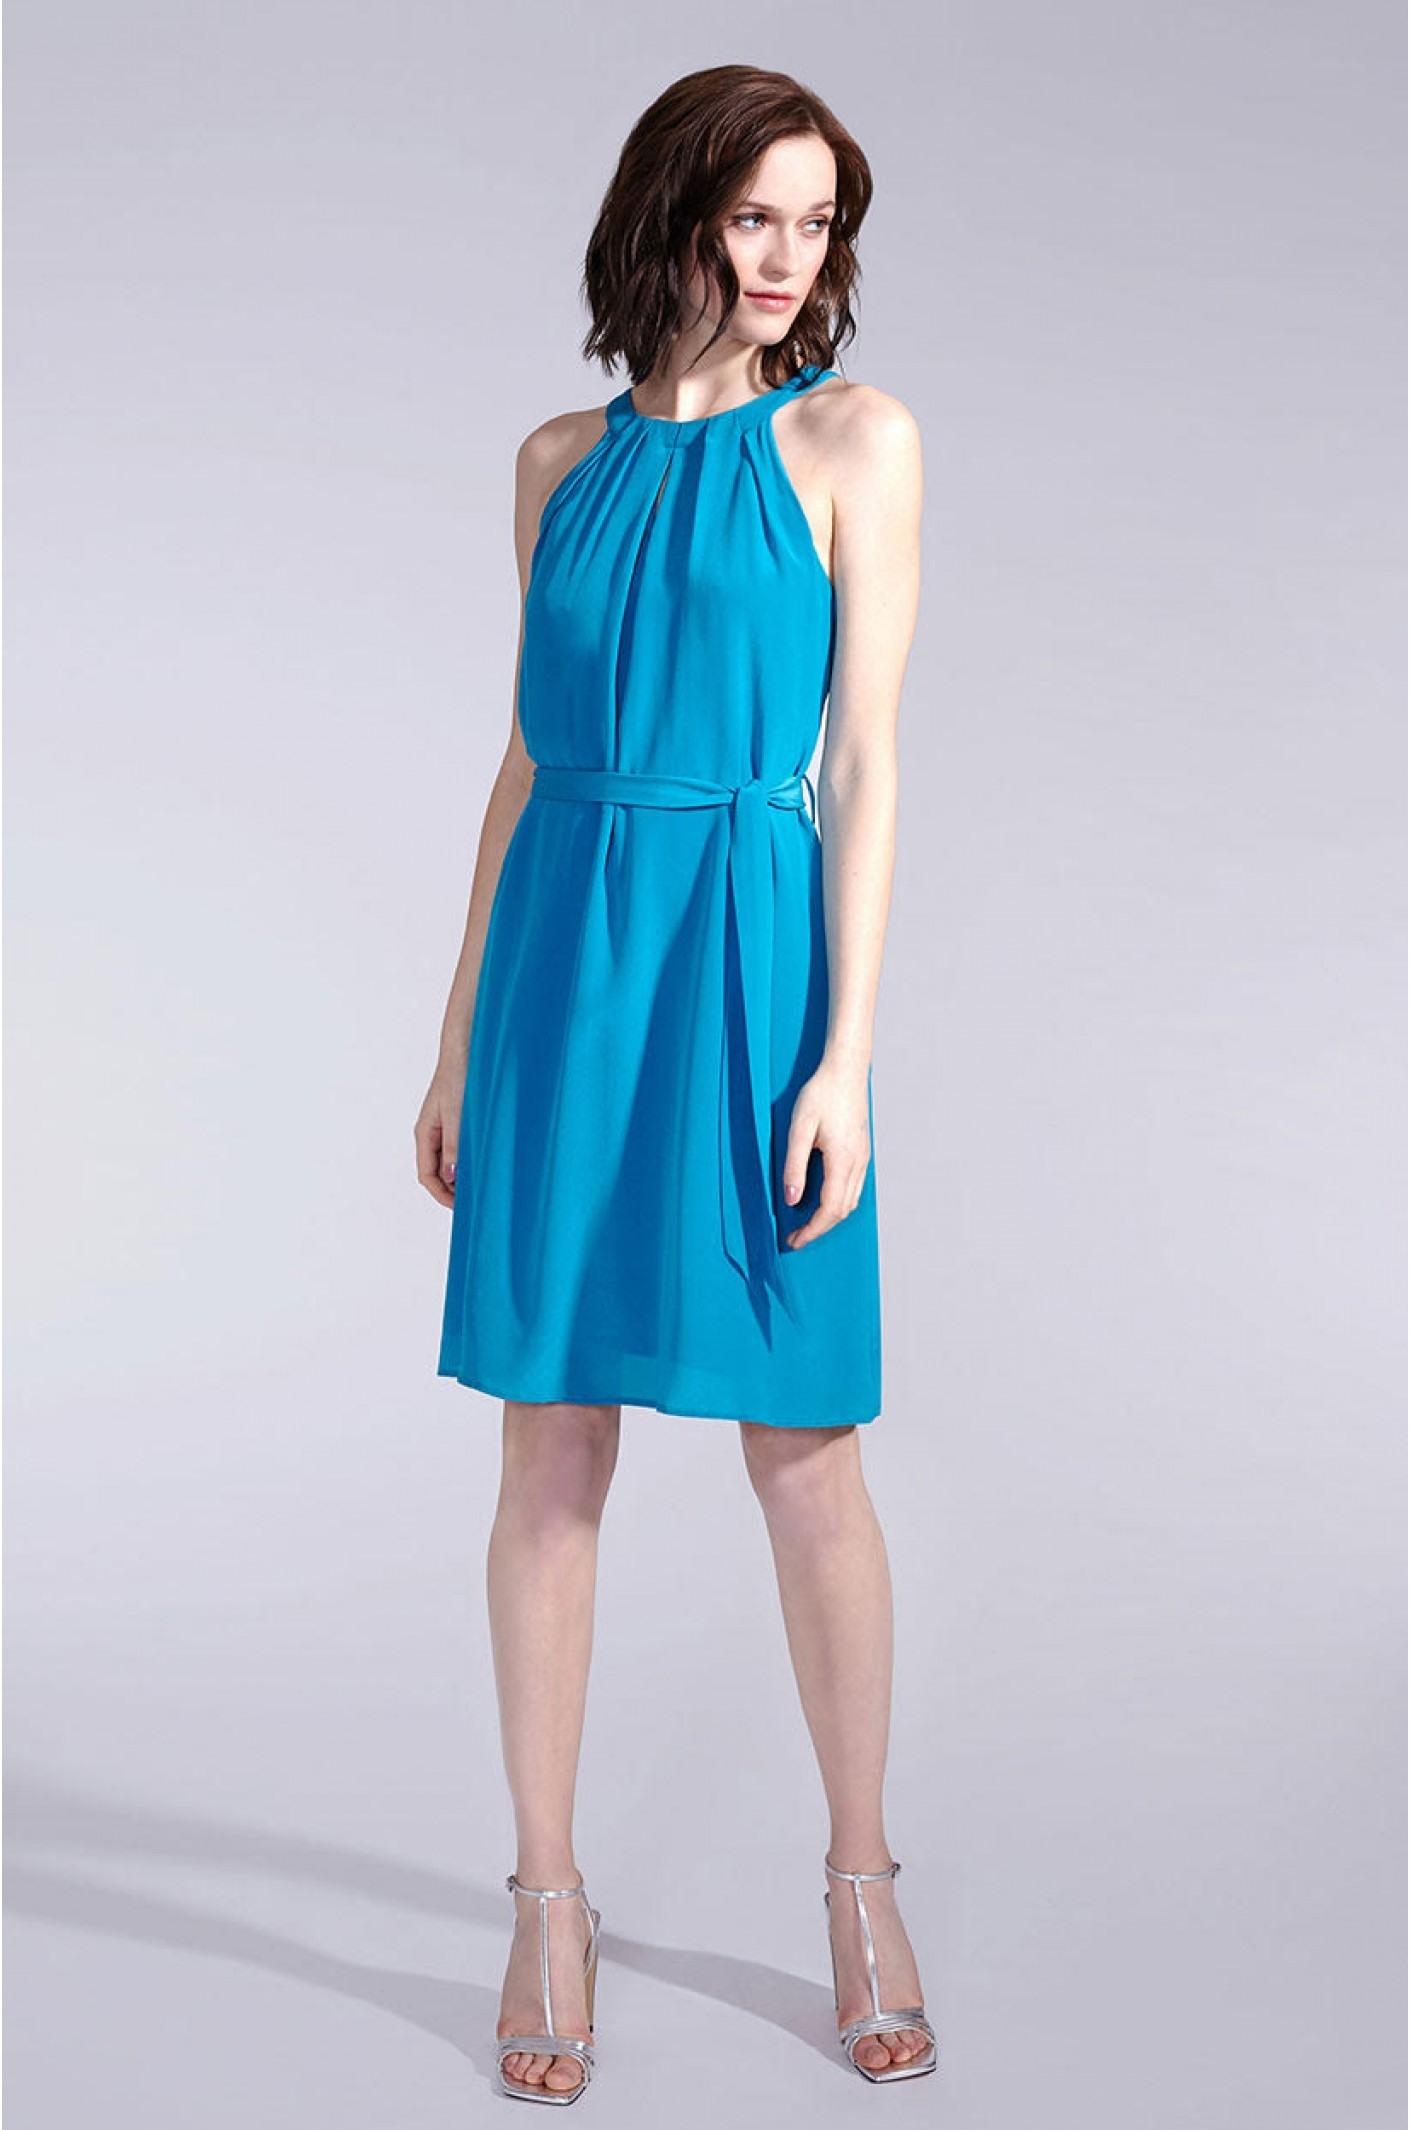 15 Schön Elegante Seidenkleider SpezialgebietFormal Einzigartig Elegante Seidenkleider Vertrieb